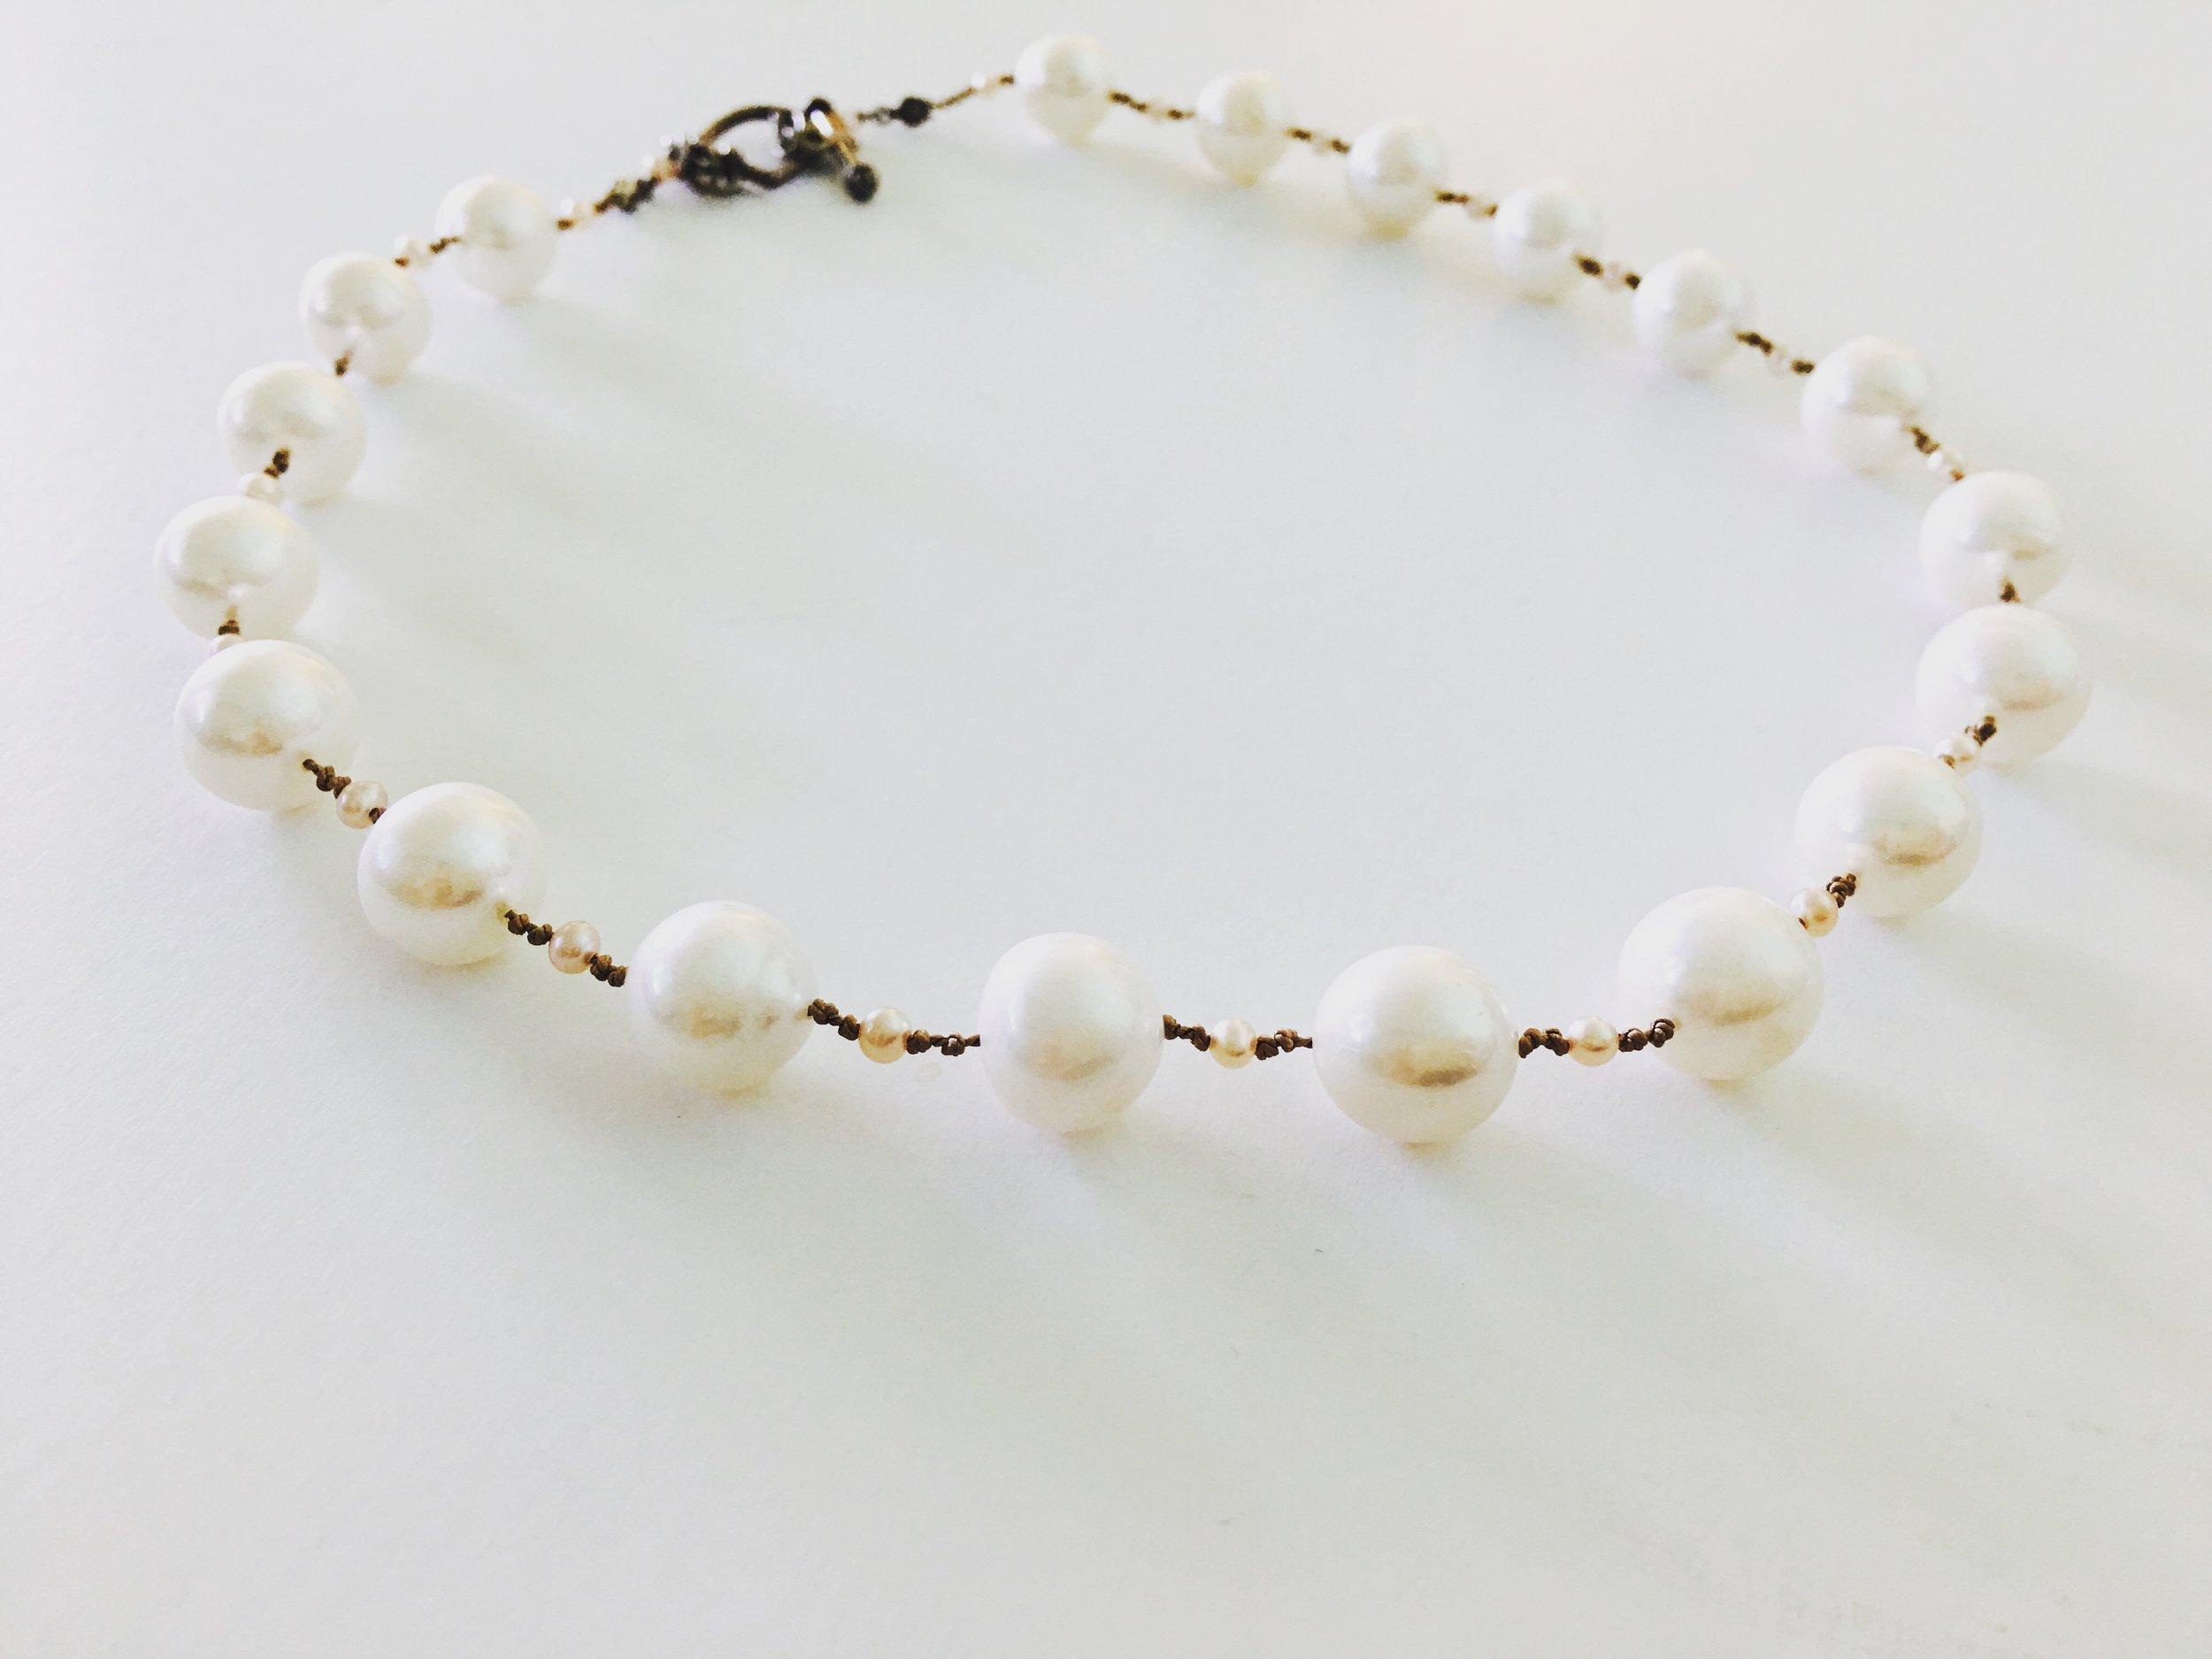 pearls rework 2.JPG